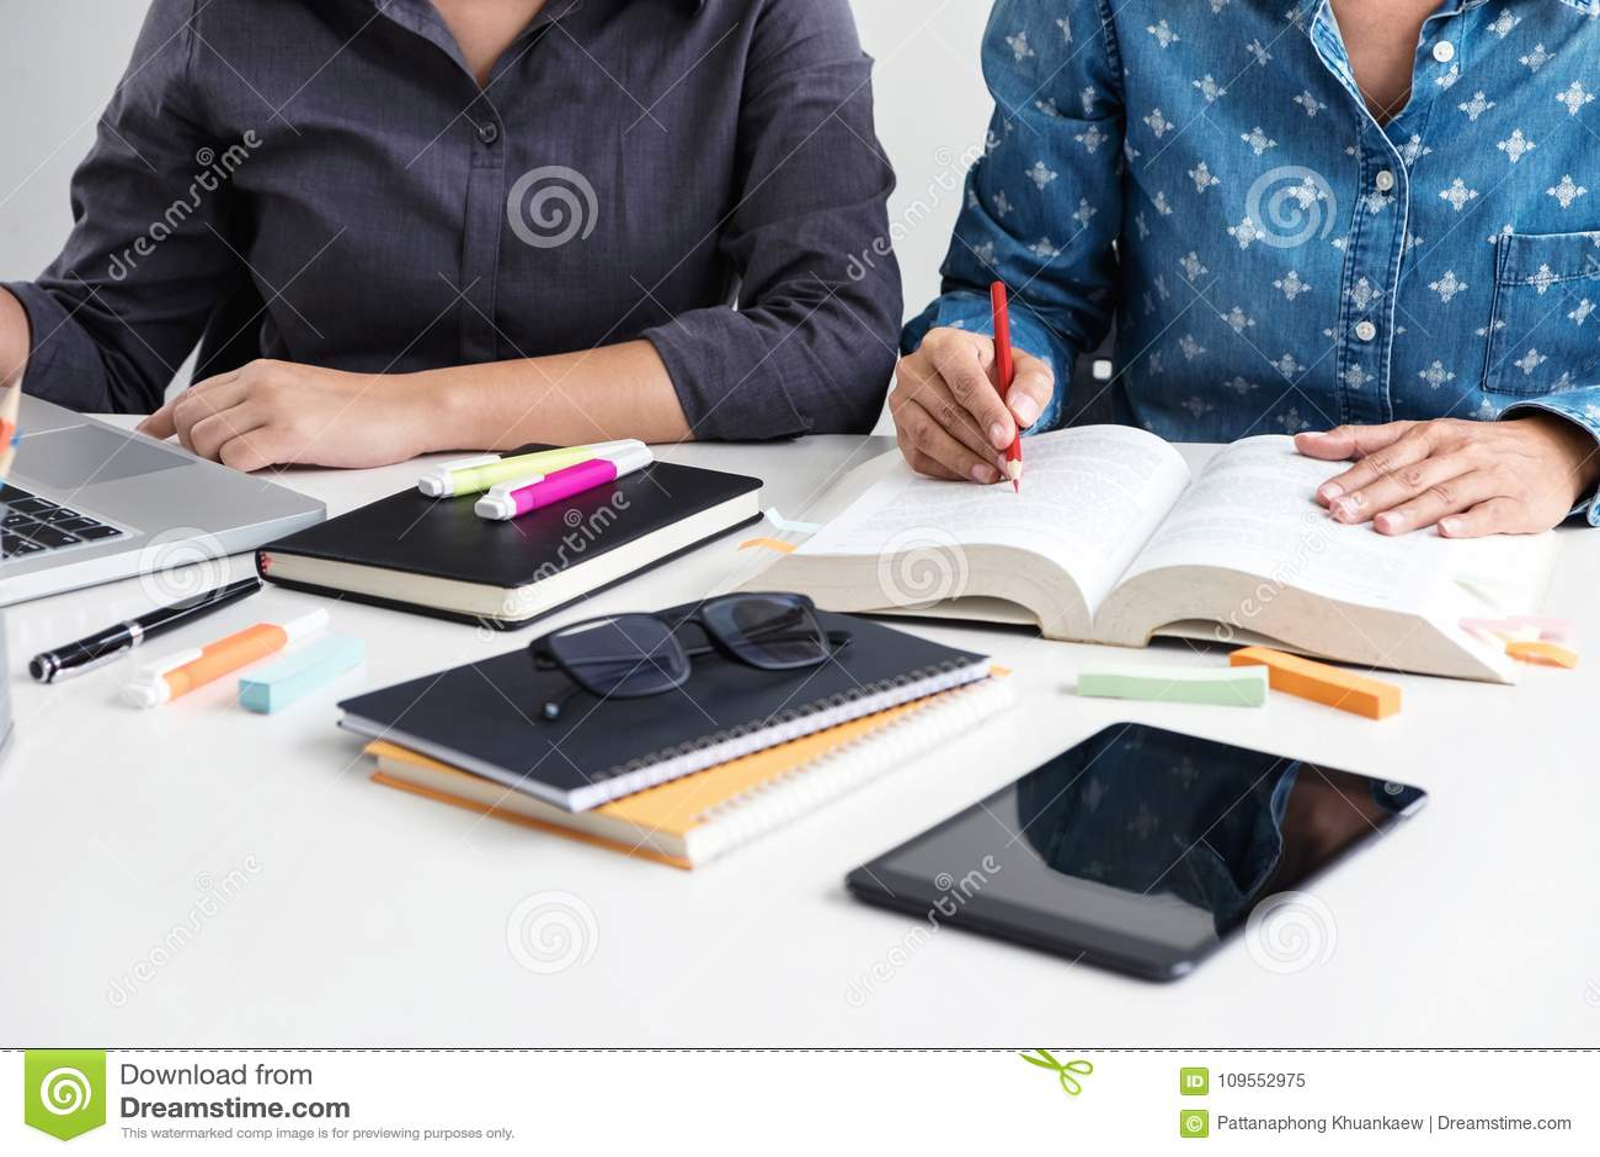 Beelden van Teleurgestelde, Jonge studentencampus of klasgenotenhulp